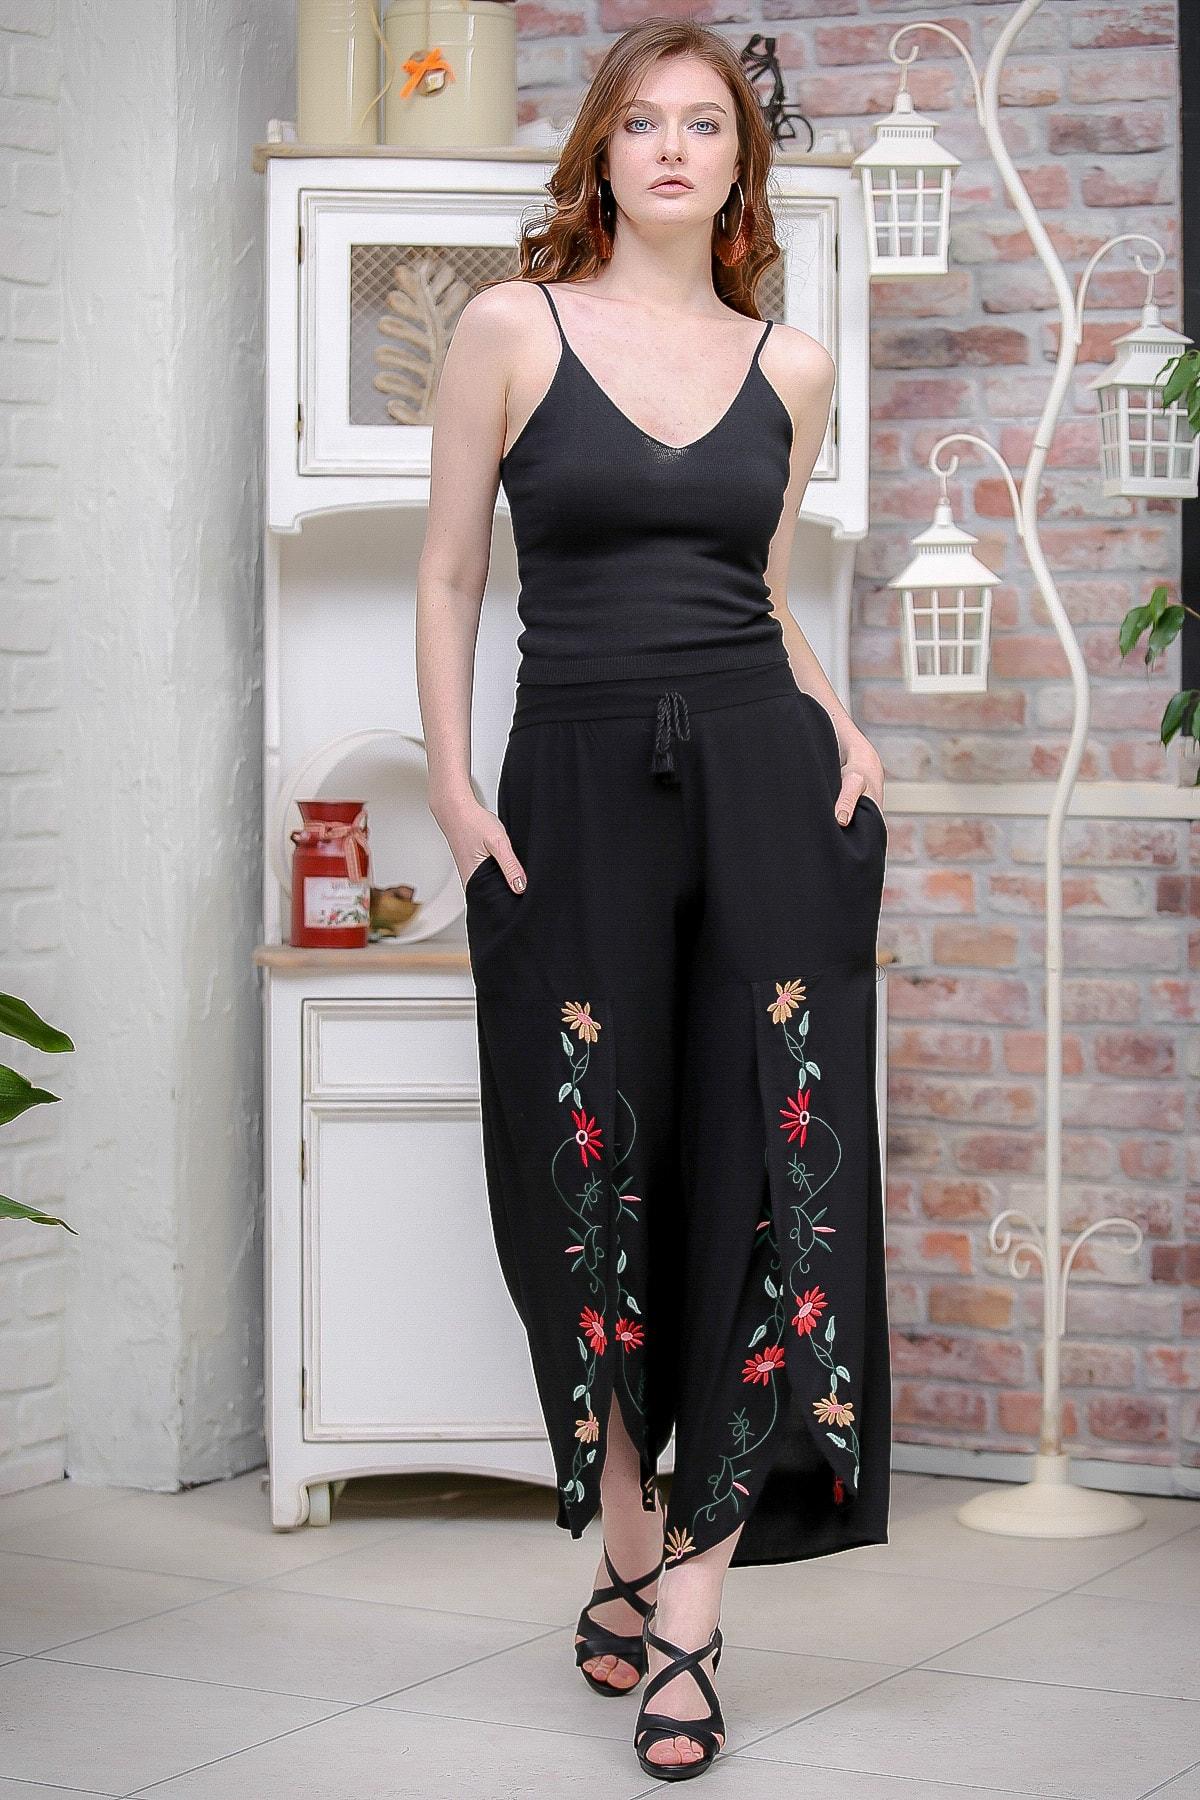 Chiccy Kadın Siyah Vintage Dev Yırtmaçlı Çiçek Nakış Detaylı Pantolon M10060000PN99179 3